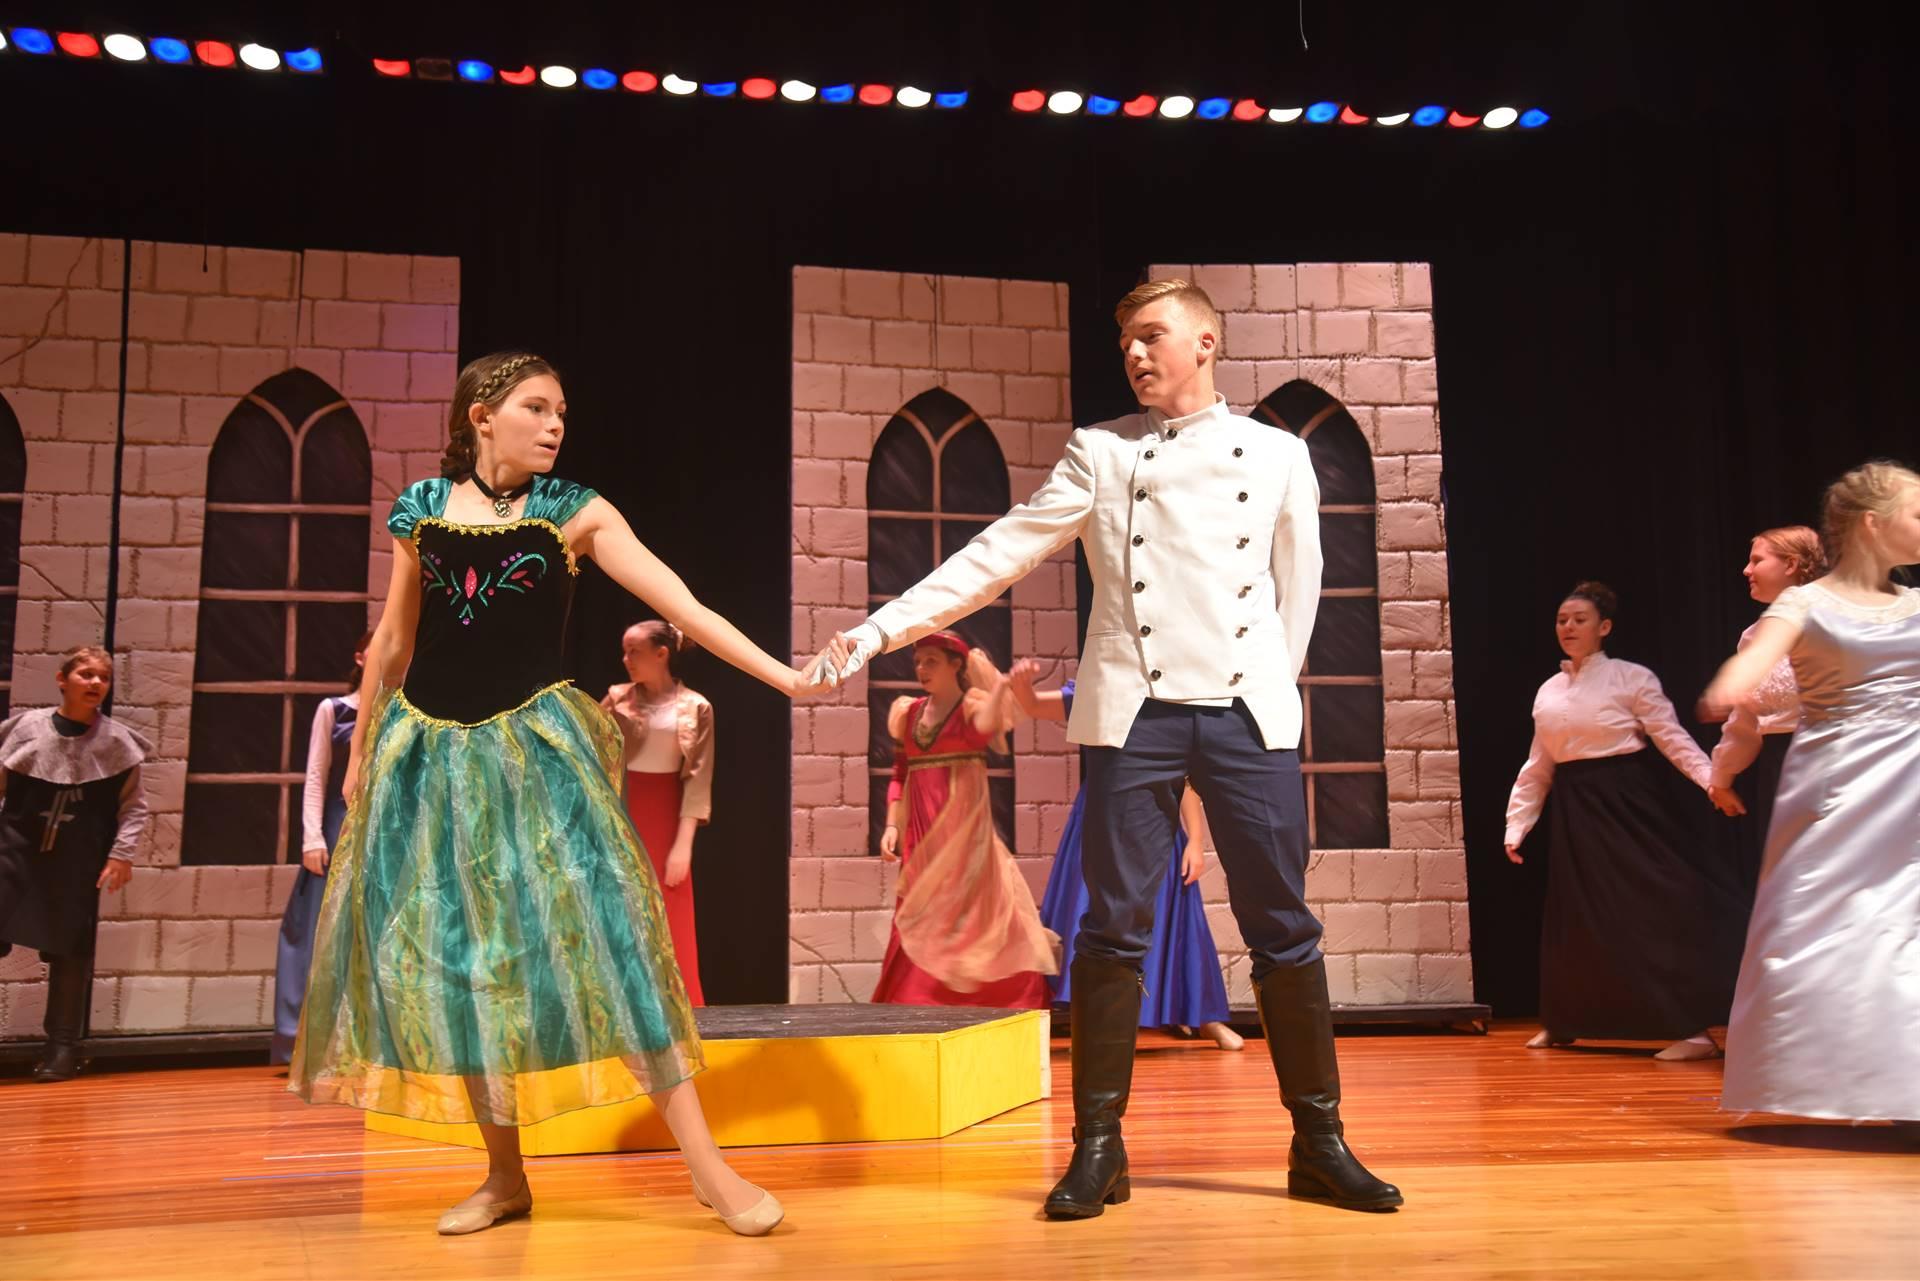 Anna and Prince